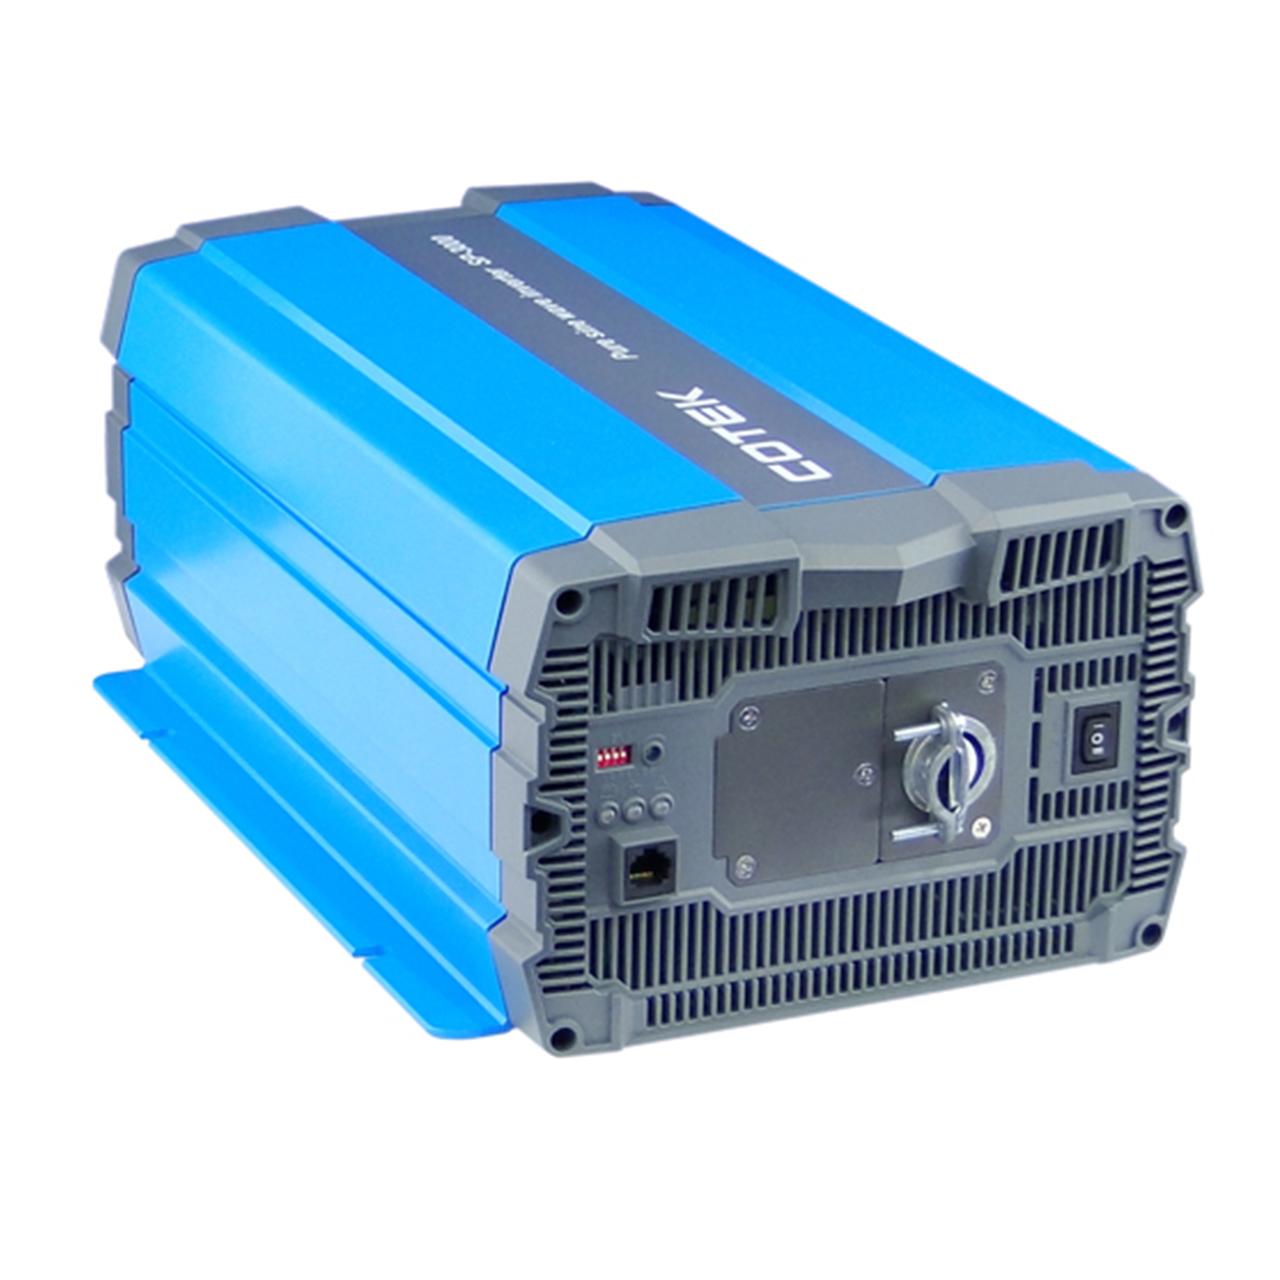 مبدل برق اینورتر سینوسی کوتک تایوان مدل 24V-TO-220V-3000W